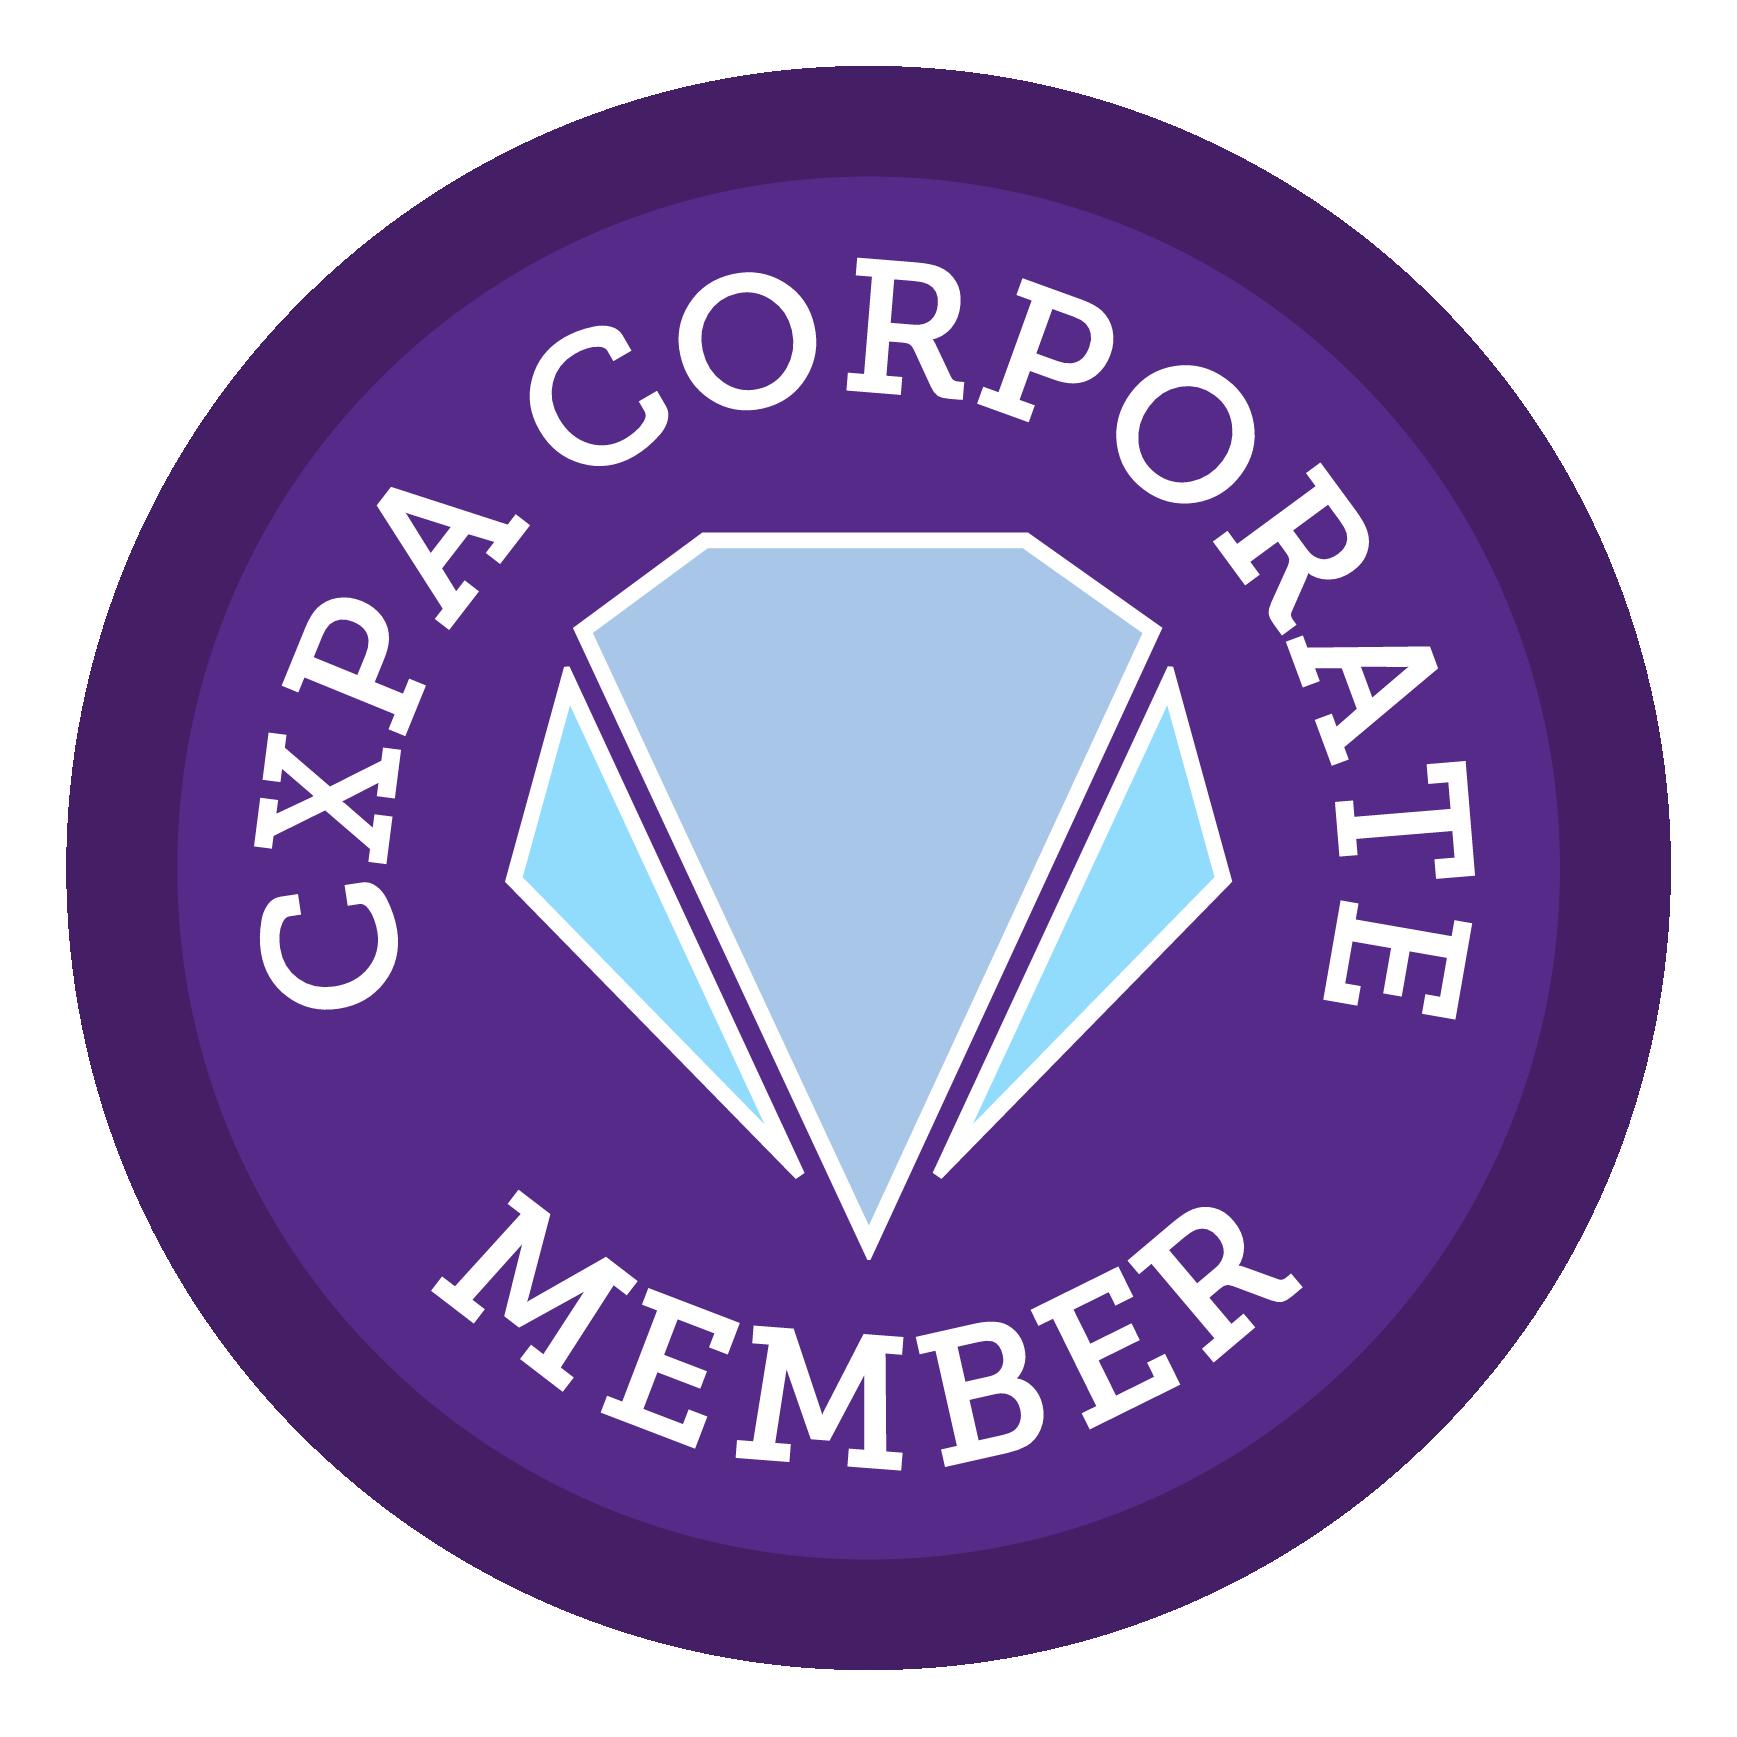 CXPA Corporate Member - Diamond Sponsor